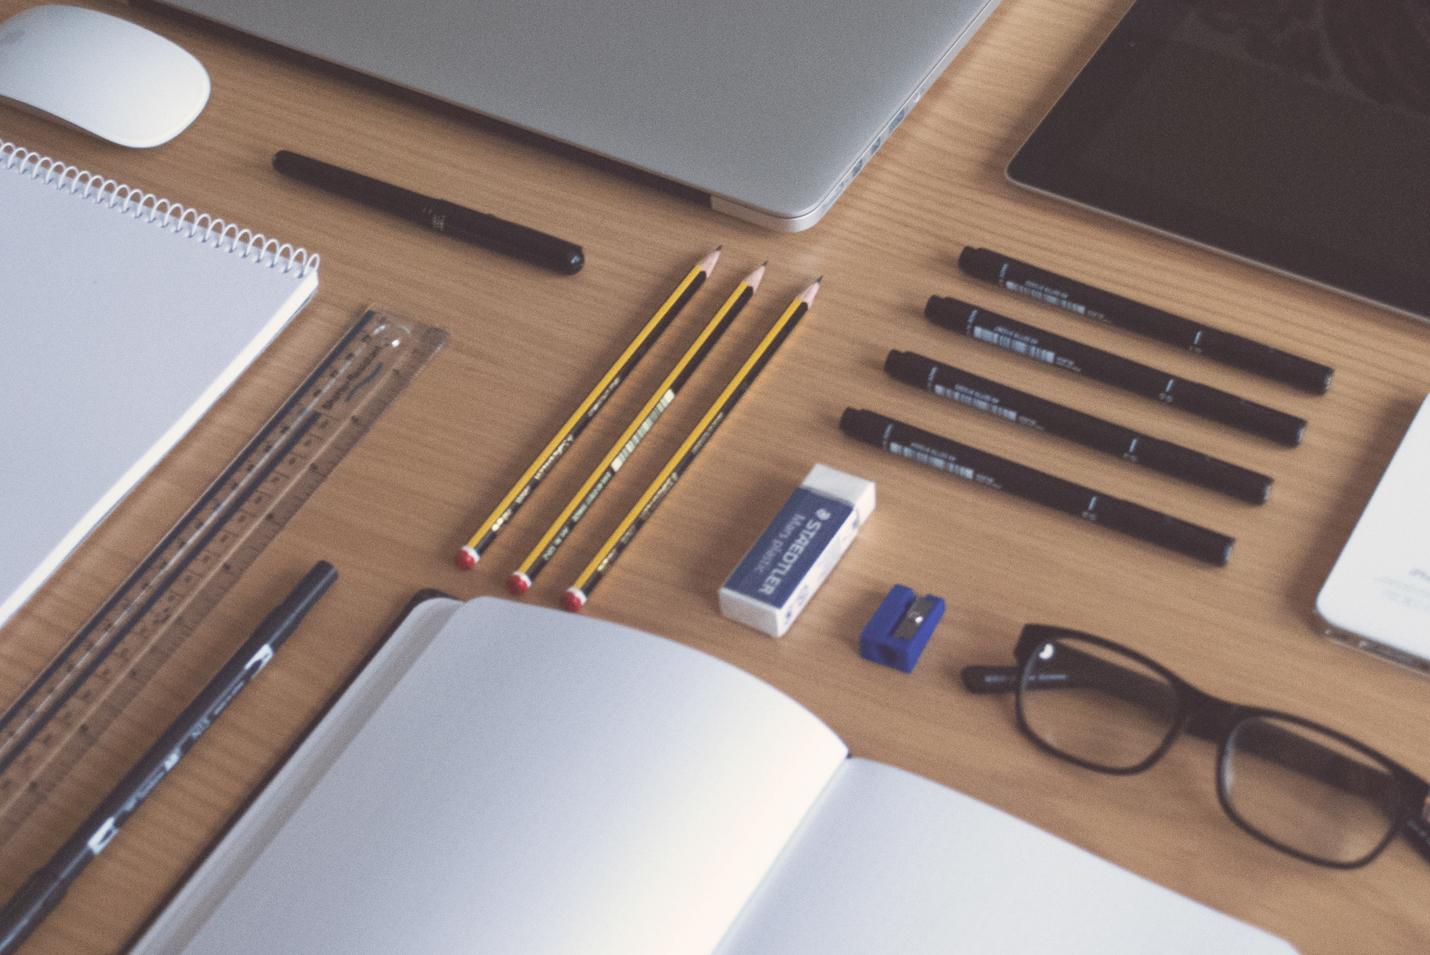 fournitures de bureau bien rangés et organisés pour un service administratif efficace